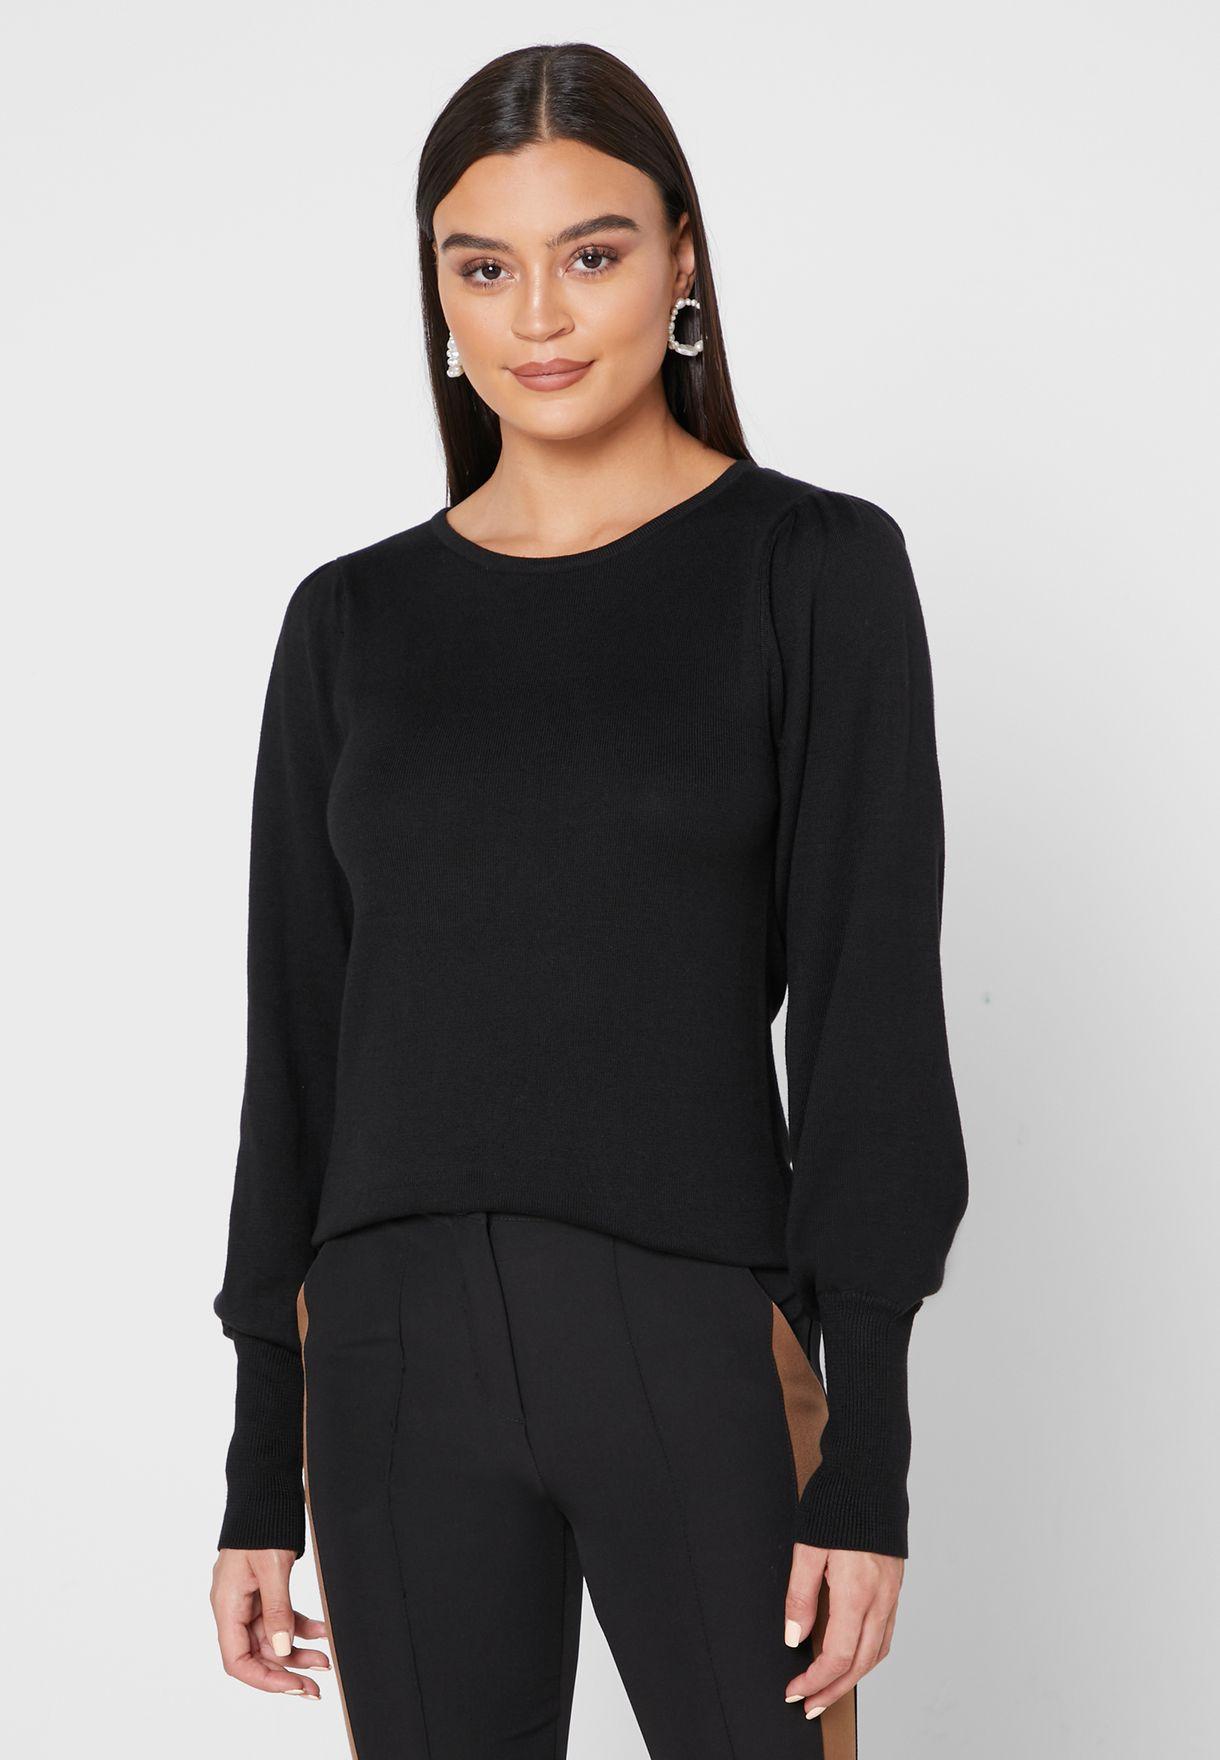 b5a6a40a541 Shop Ella black Ruffle Trim Sweater LK-162MALONE for Women in UAE ...